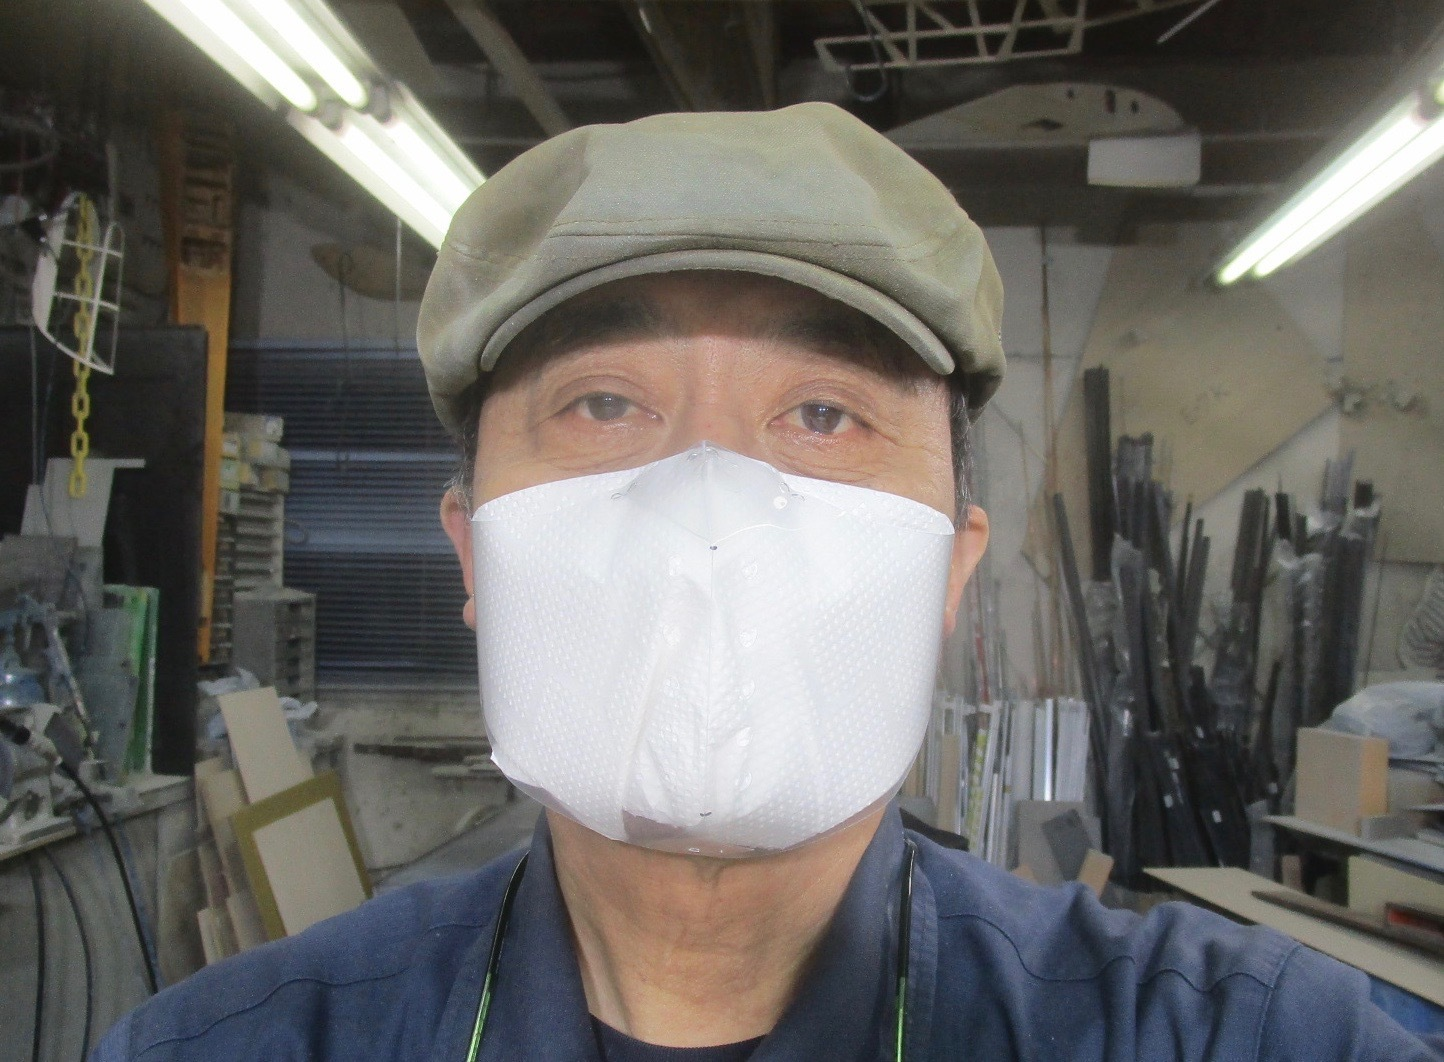 マスク不足になった時の備え_e0146402_20235902.jpeg